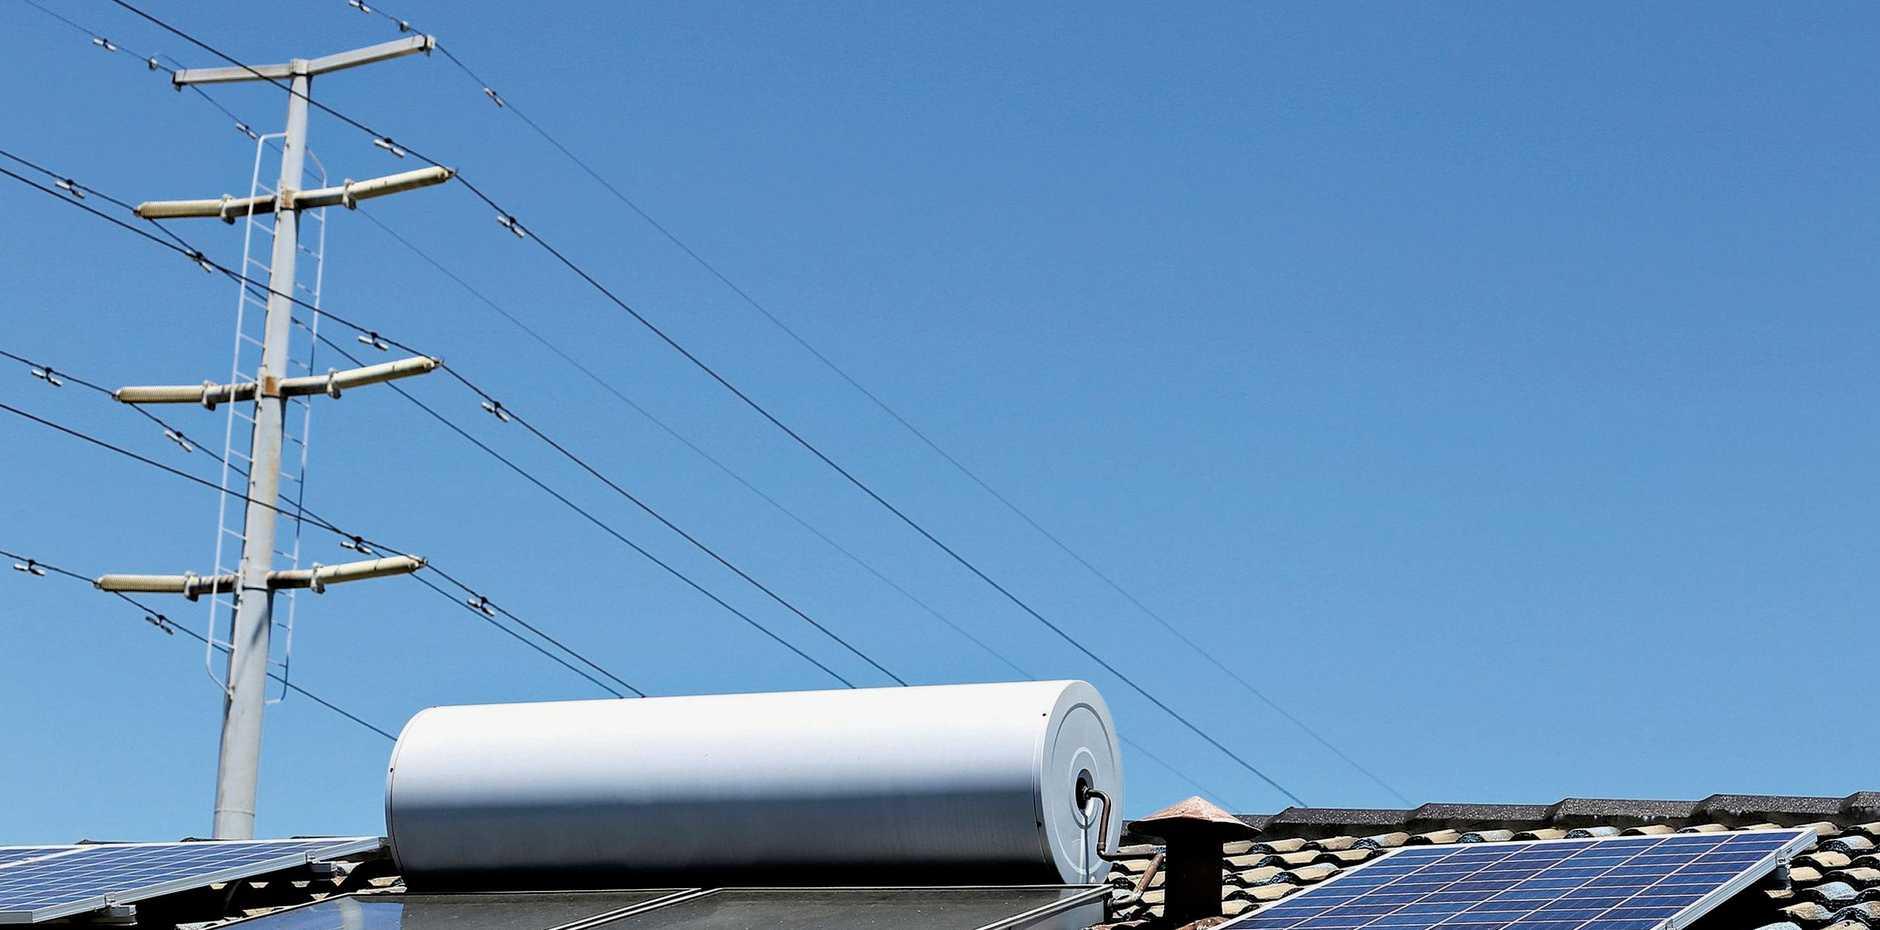 MB VIC solar power rebate